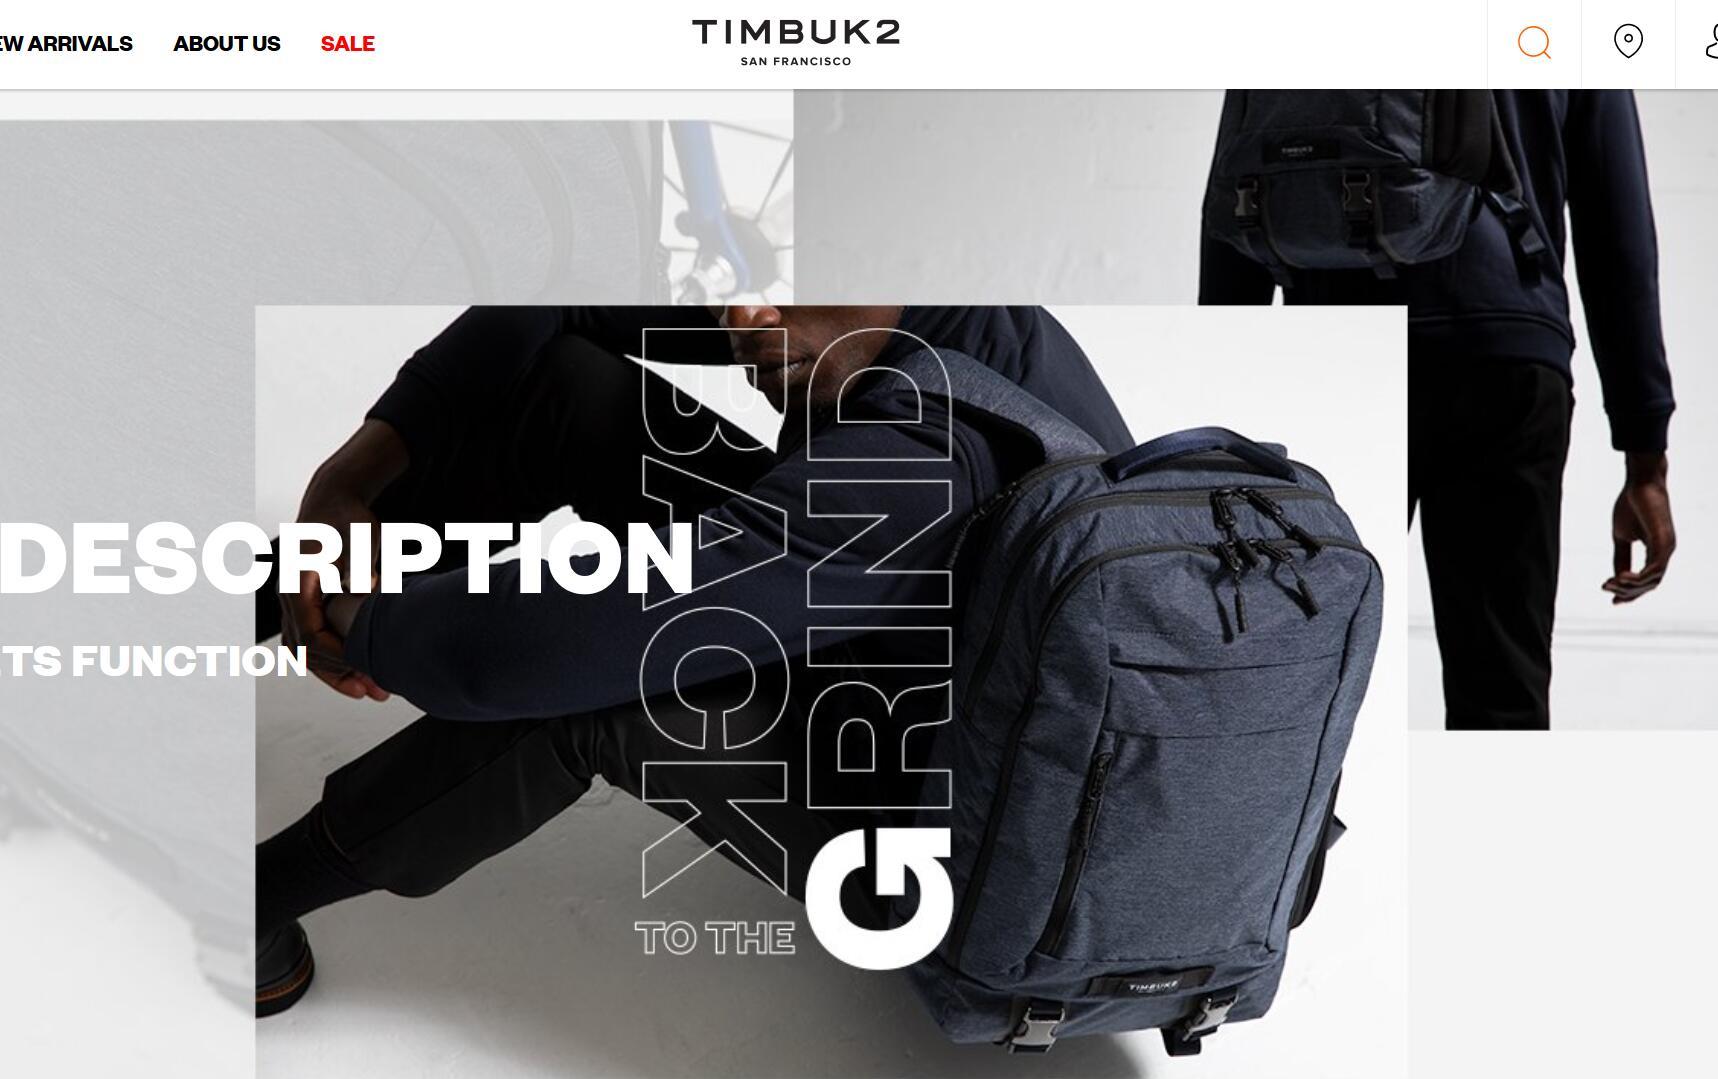 曾以邮差包红极一时的 Timbuk2被洛杉矶家具制造商 Exemplis收购